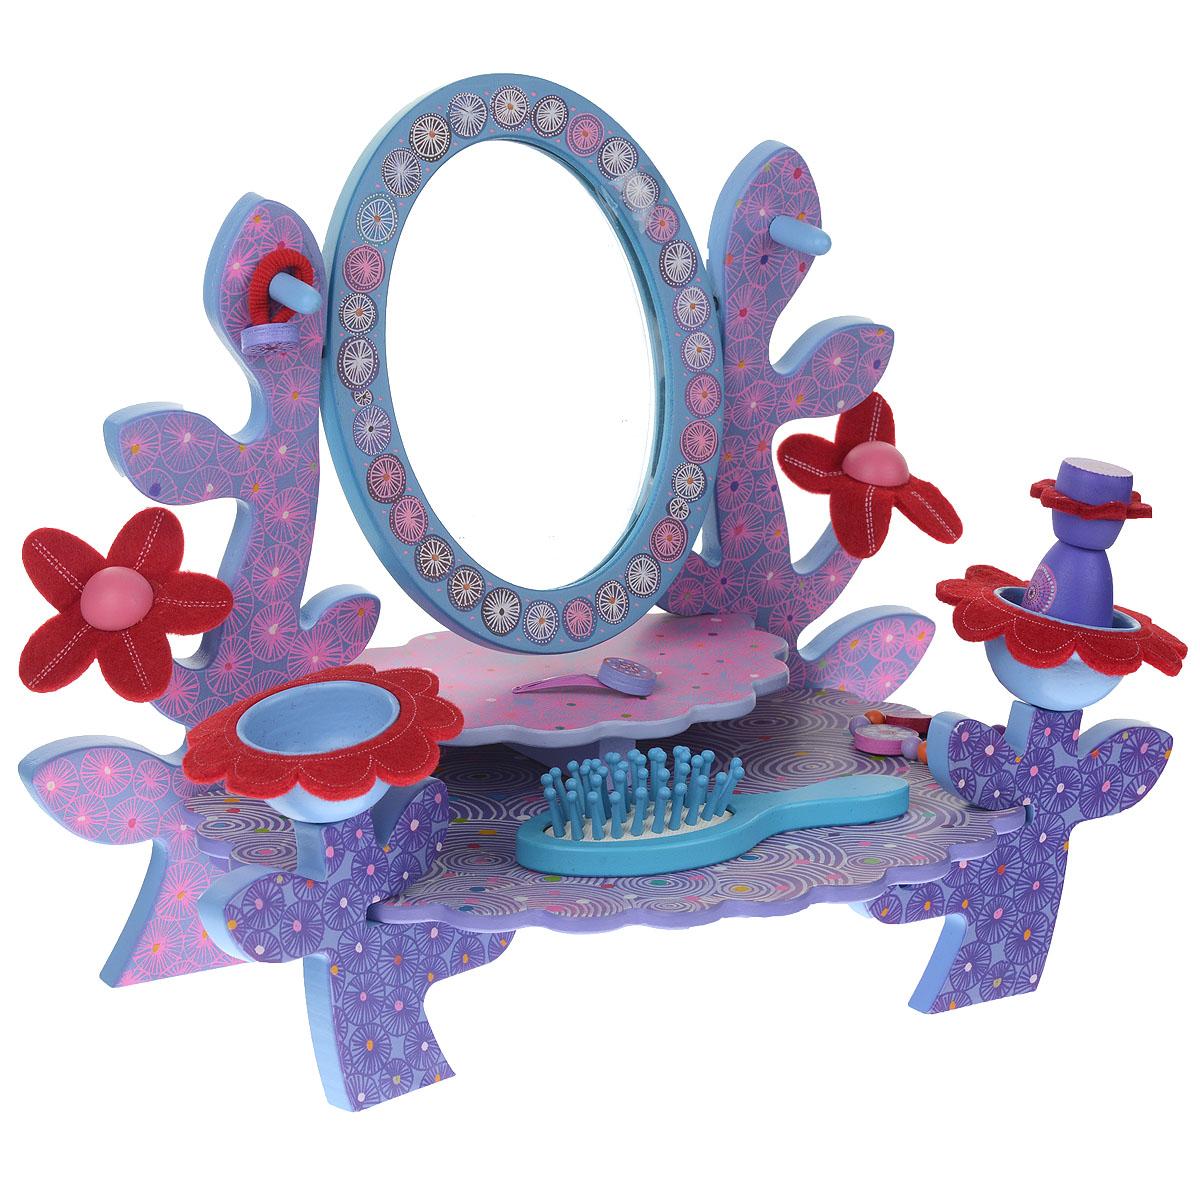 Djeco Игровой набор Туалетный столик, цвет: голубой, сиреневый, розовый